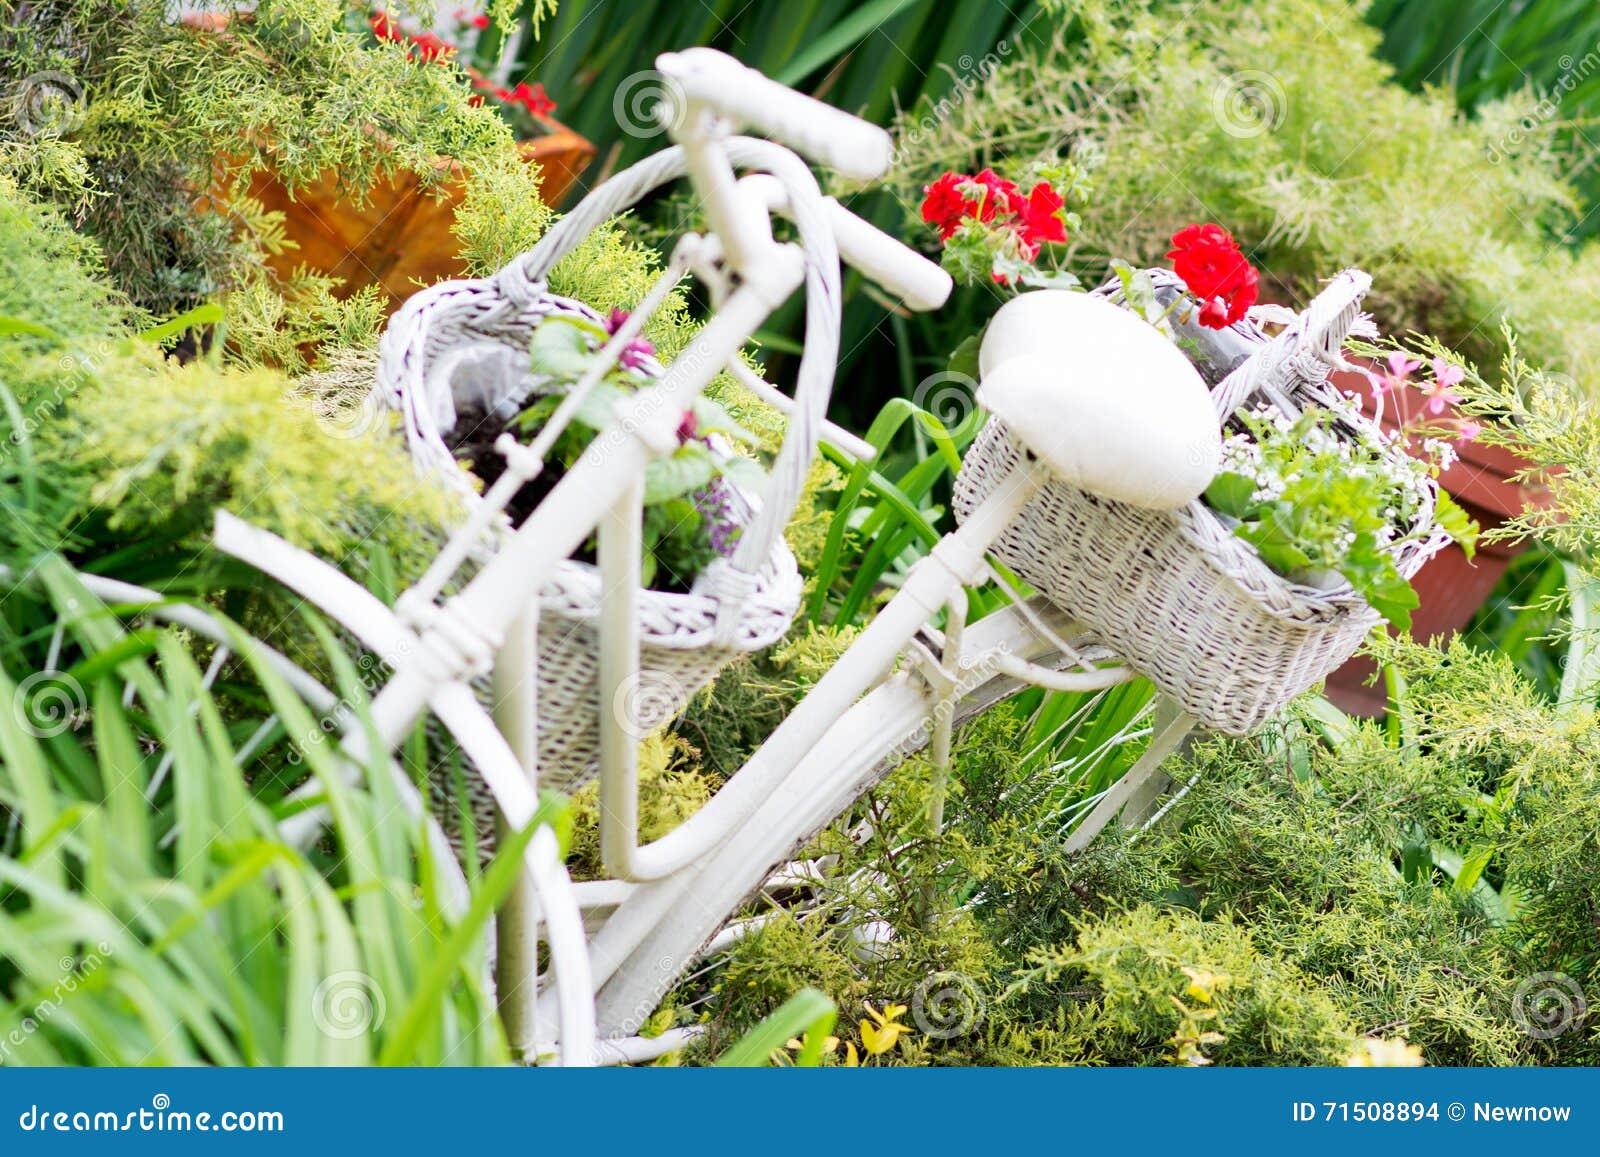 Idee Per Vasi Da Fiori canestro bianco con i fiori che appendono sulla vecchia